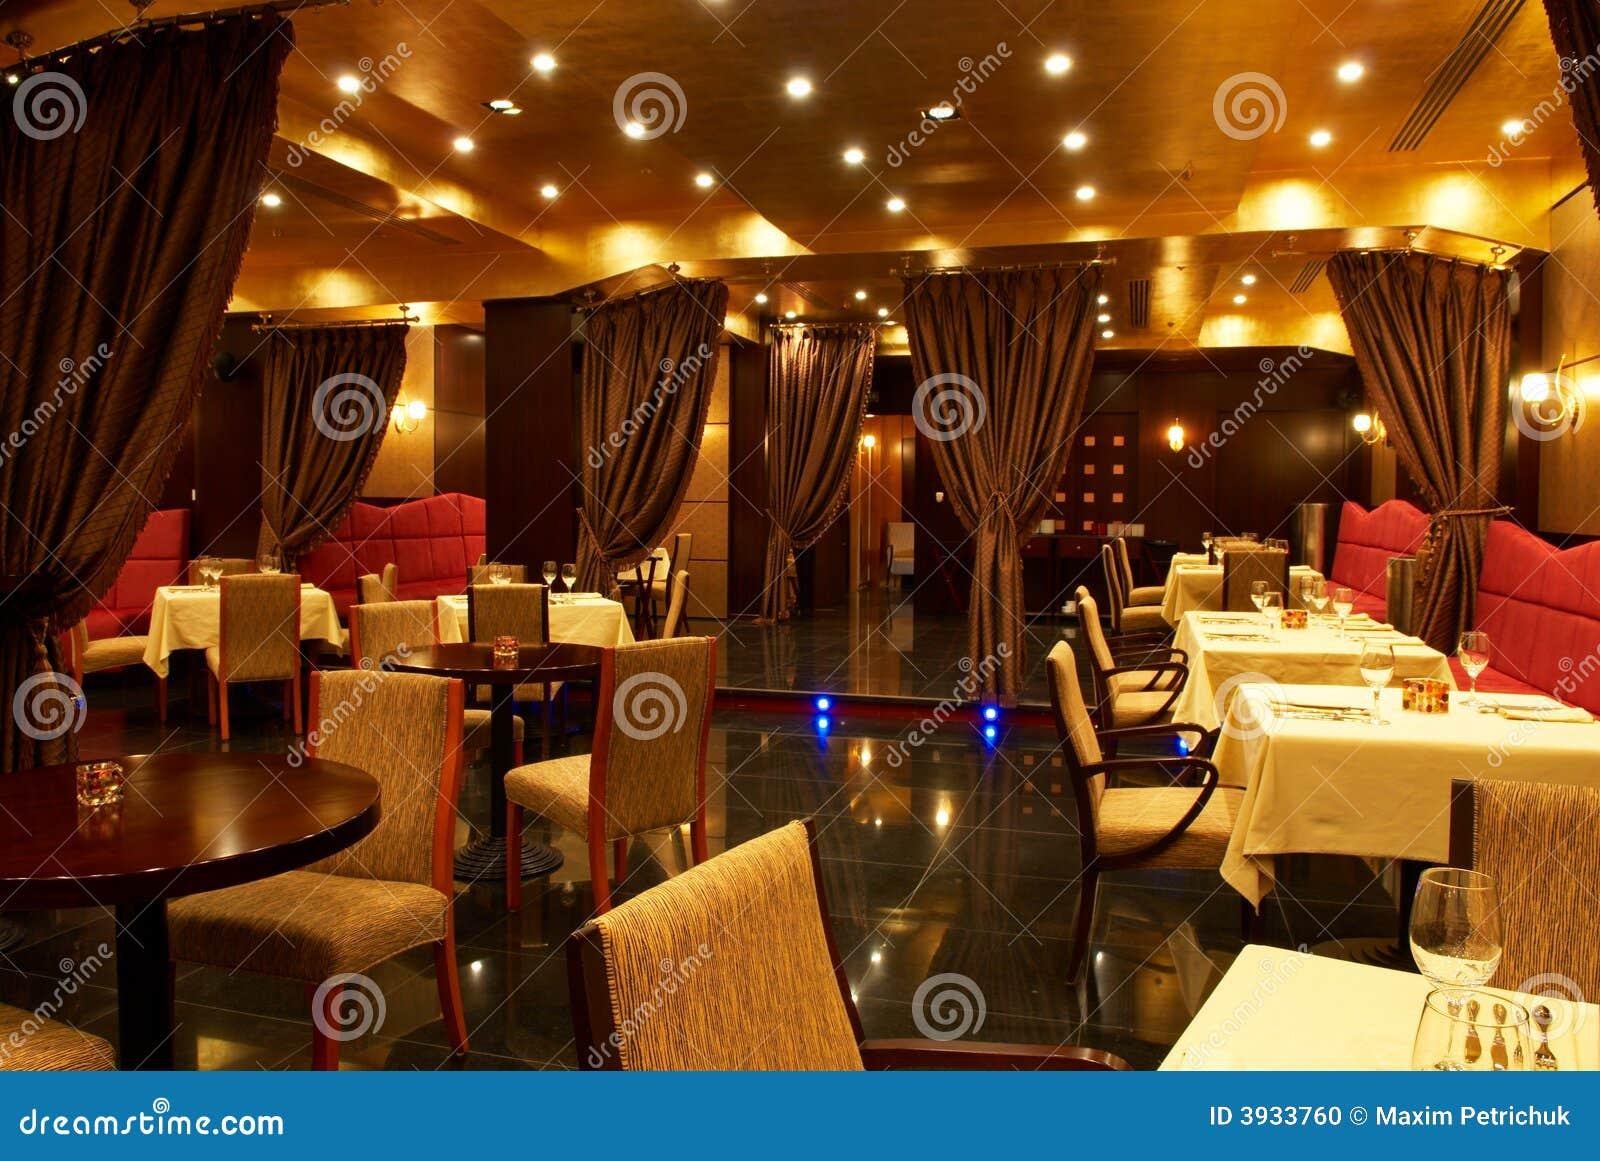 Секс рестораны москвы 7 фотография